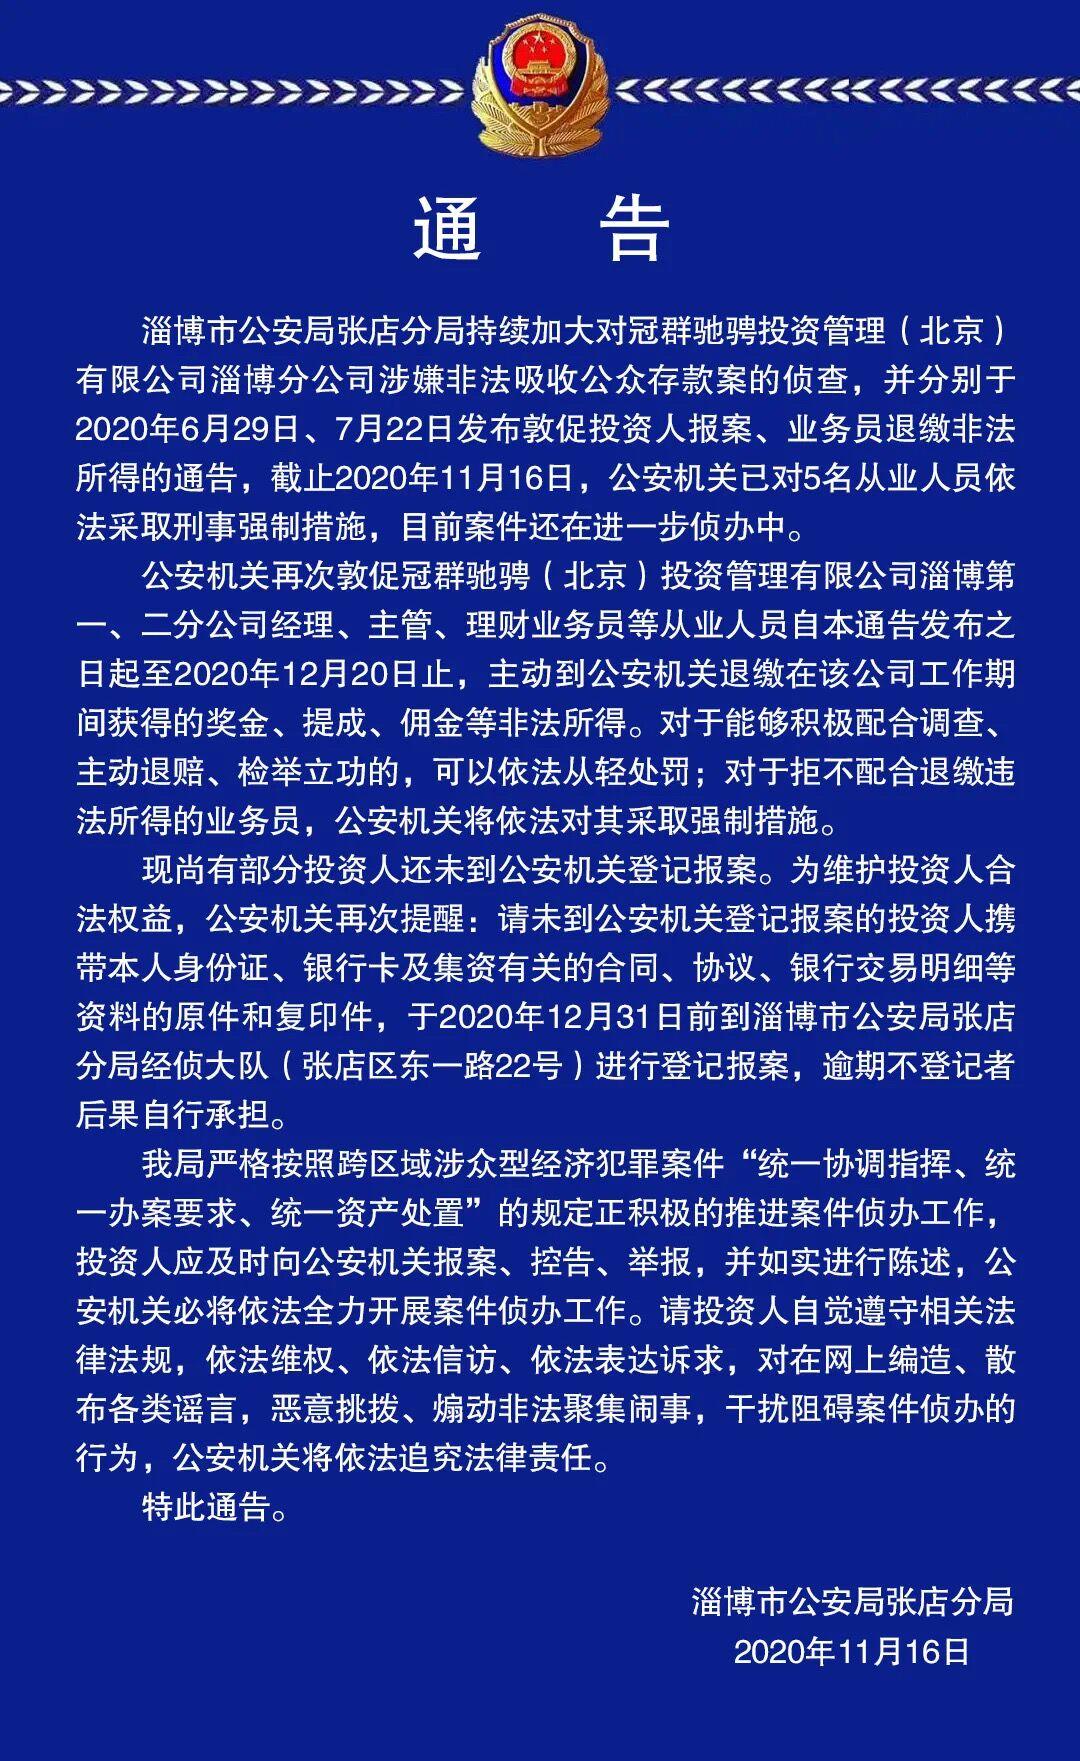 冠群驰骋淄博分公司5人被抓!警方通告相关人员主动退款、检举揭发